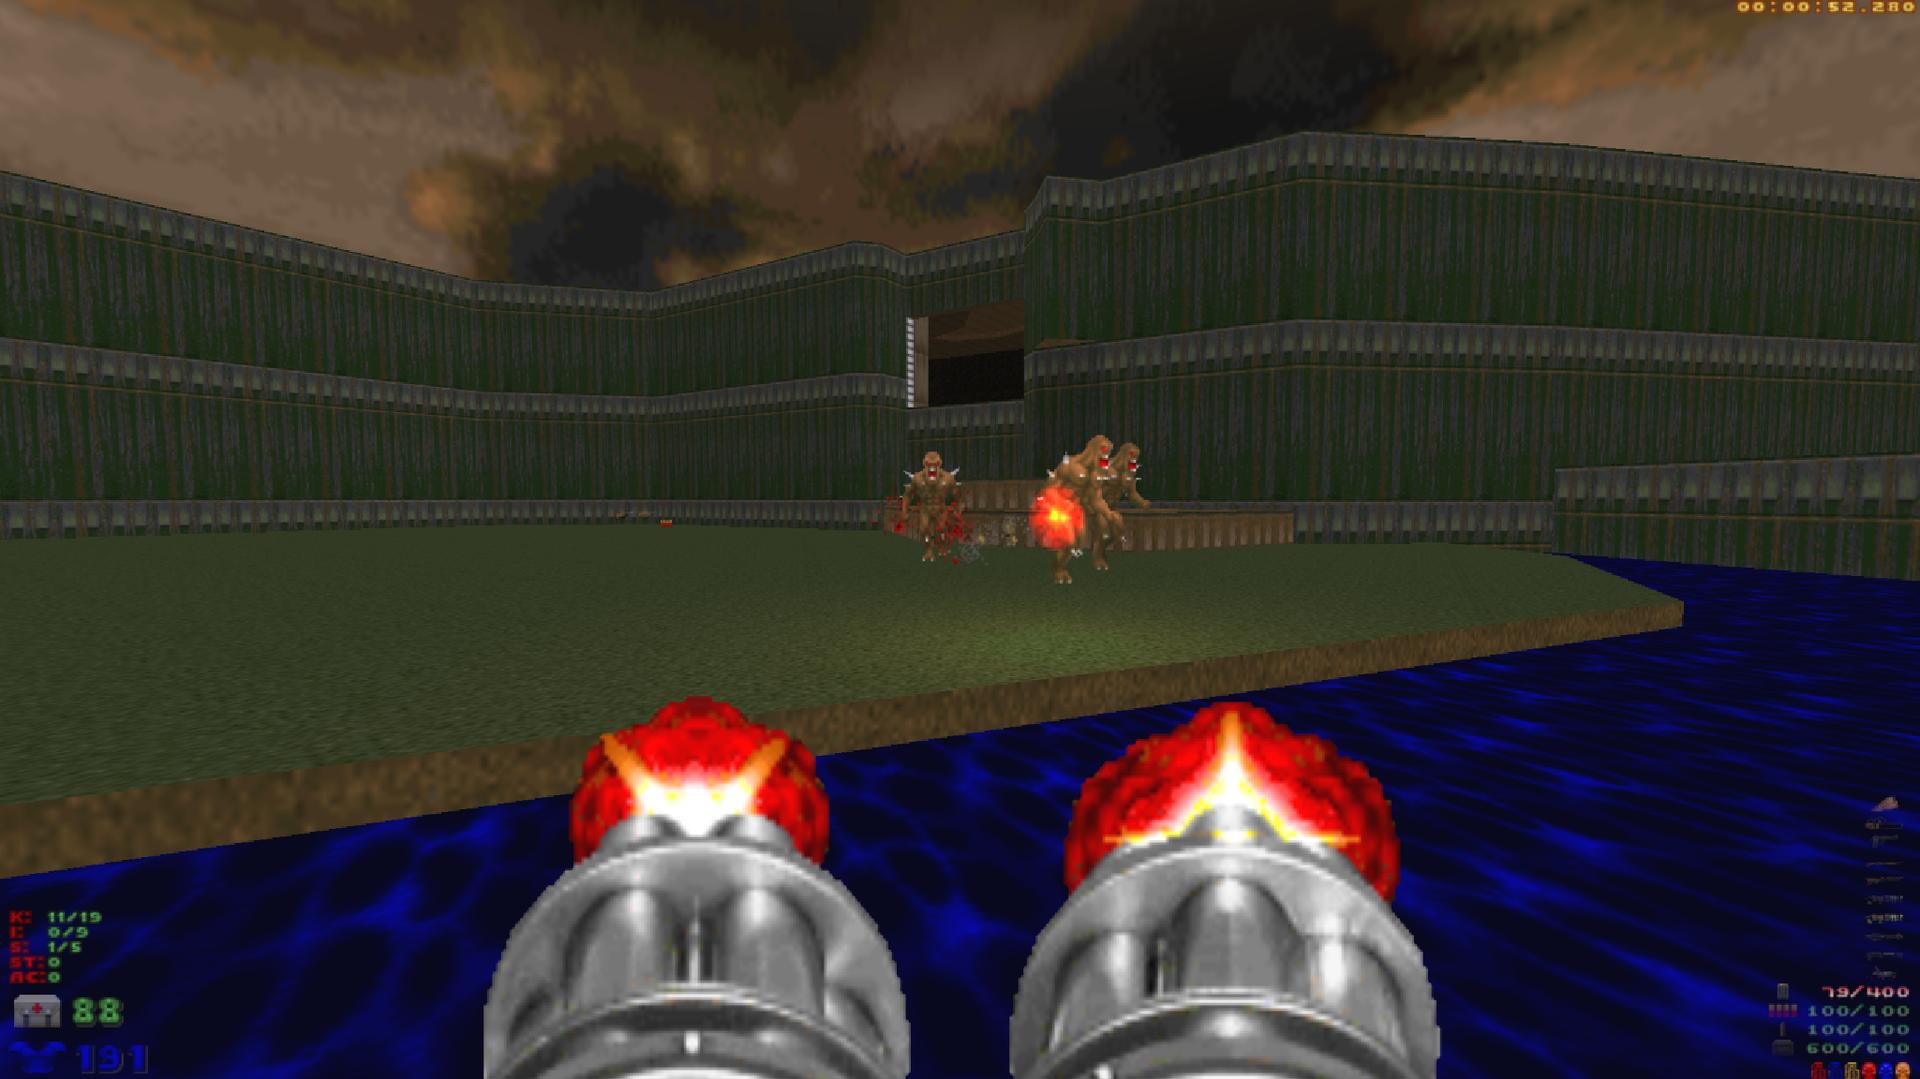 Screenshot_Doom_20200223_222533.png.db73004e76ead6b25dff6235cc66defd.png